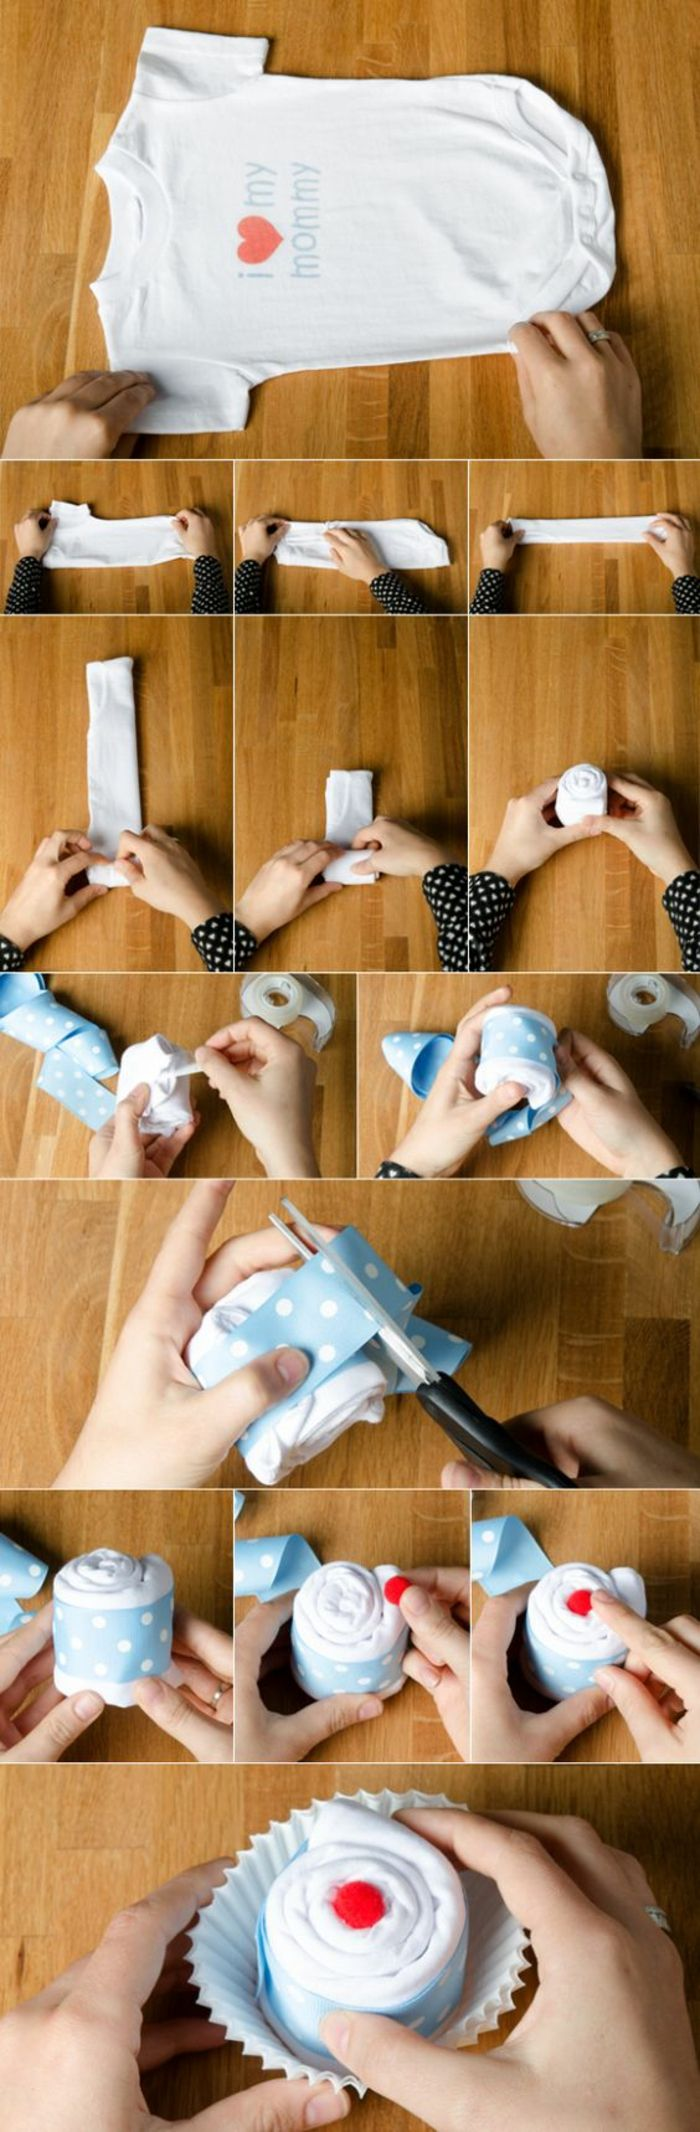 tuto pour réaliser des bo s cupcakes idées de cadeau pour une baby shower fille ou